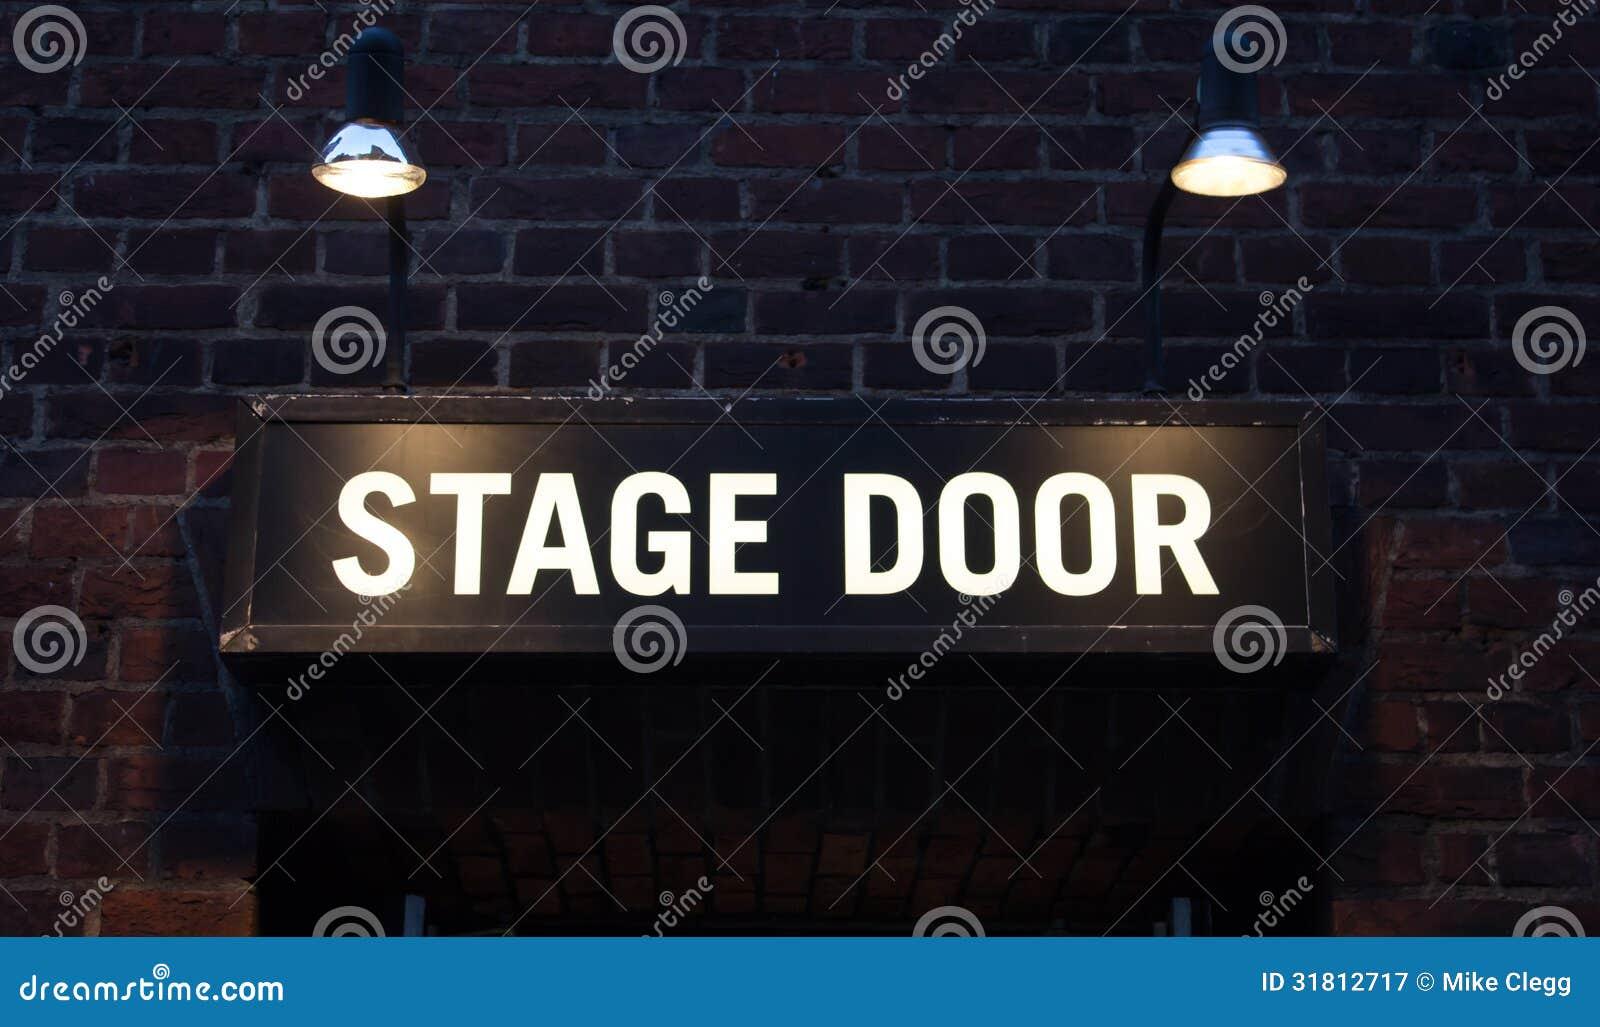 Bühnentürzeichen